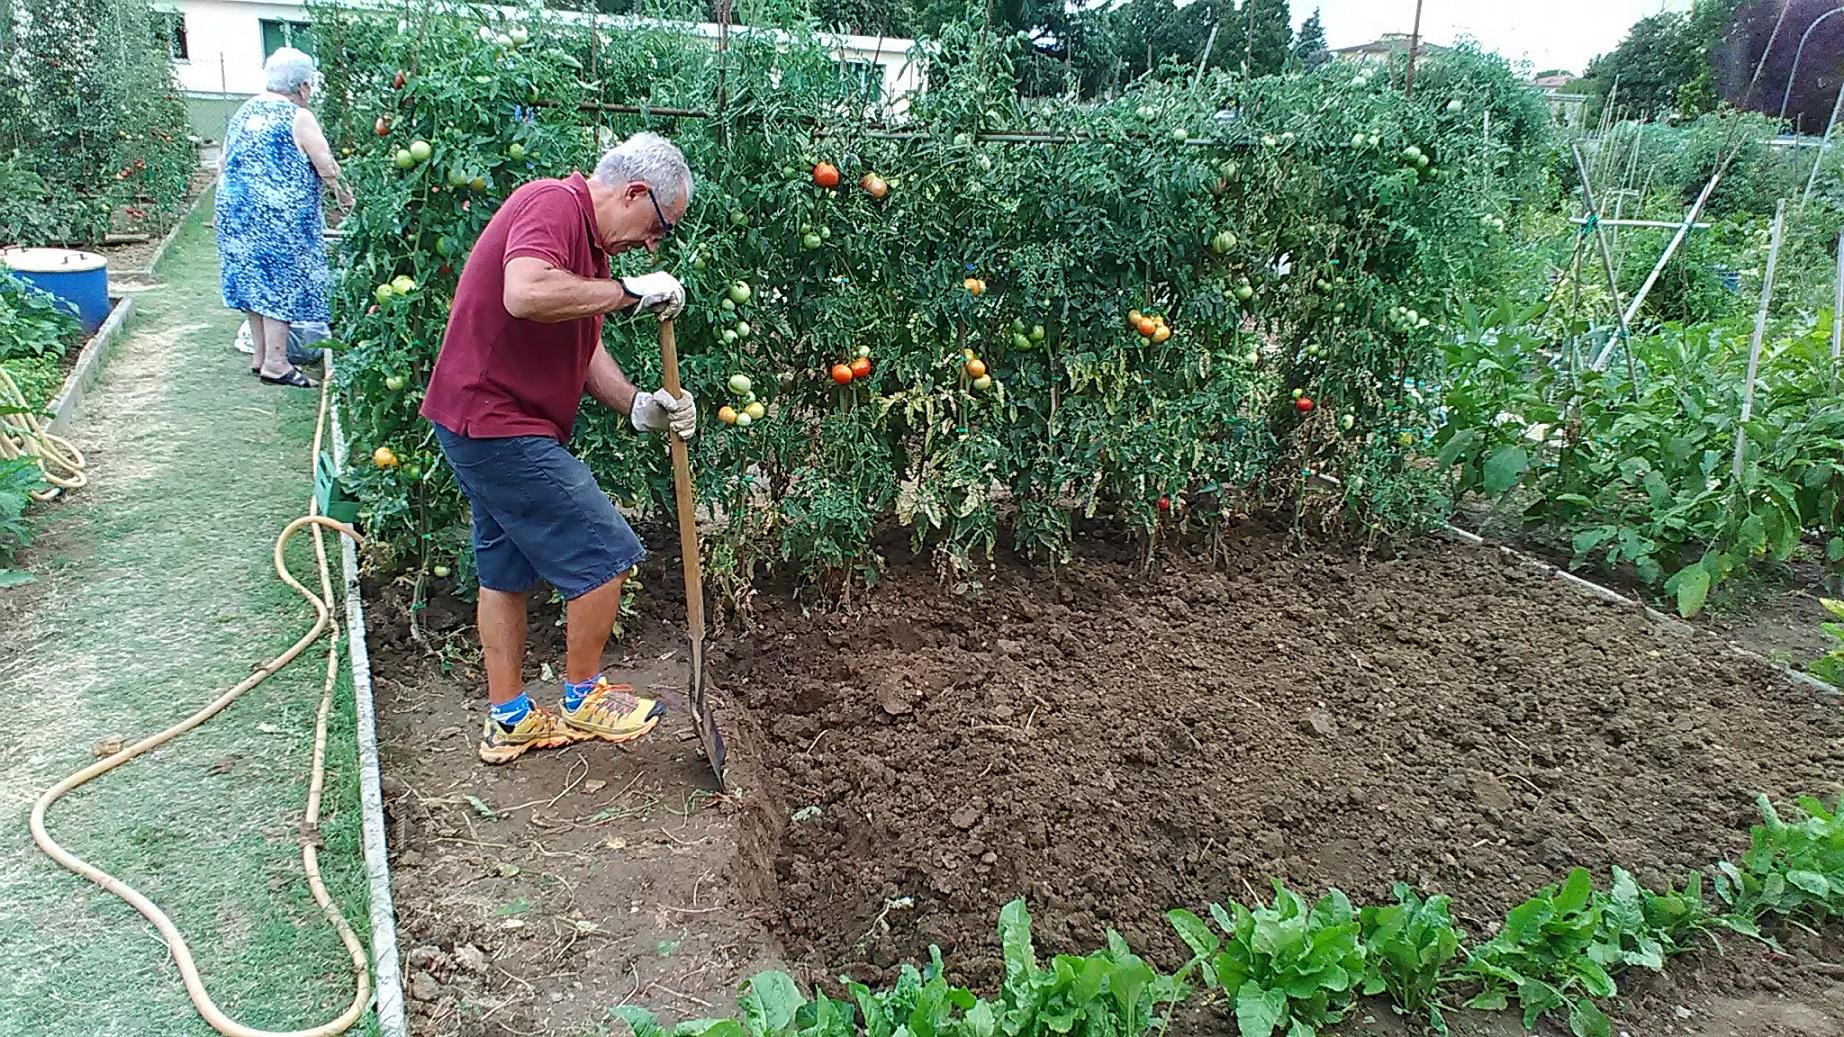 Ativos, idosos aproveitam o trabalho na horta para se reunir, conversar e se divertir. (Foto Luciana Doneda)